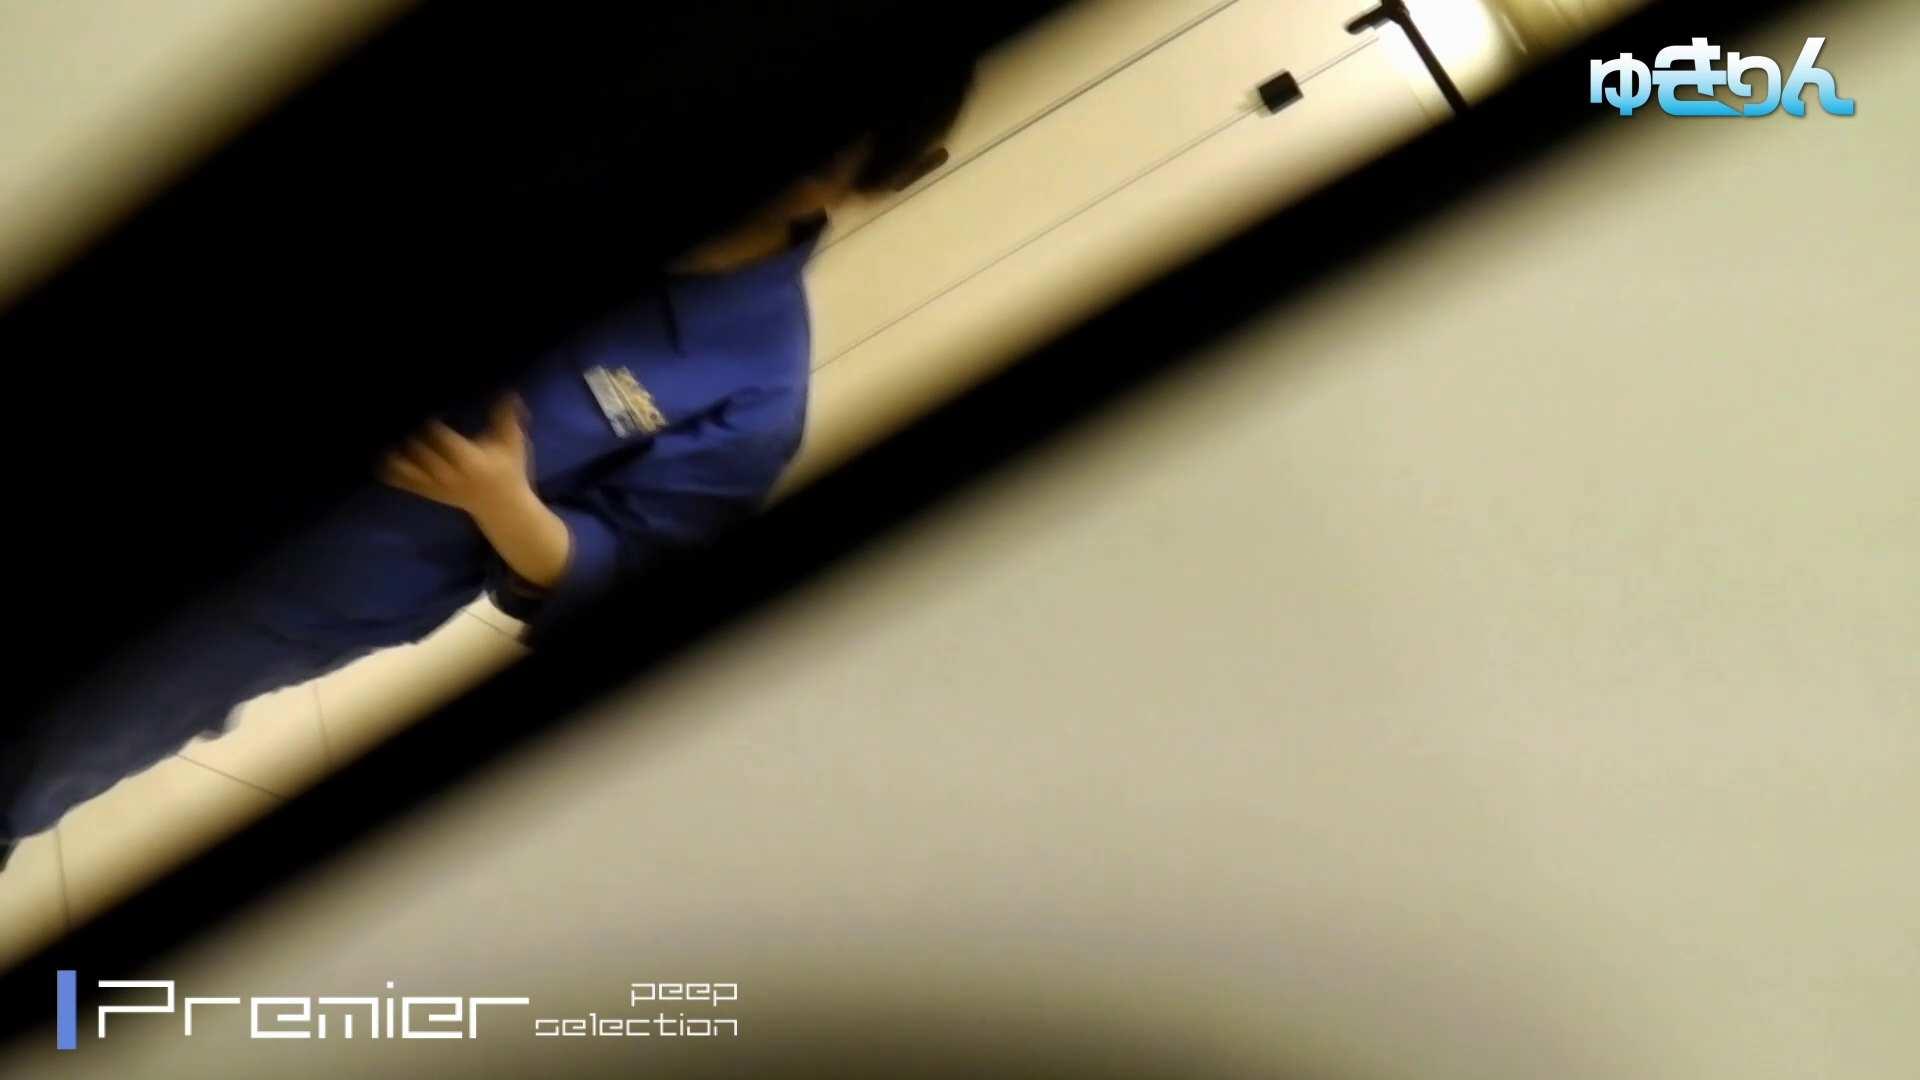 新世界の射窓 No100 祝 記念版!異次元な明るさと技術 無料動画 洗面所 ワレメ動画紹介 40連発 11